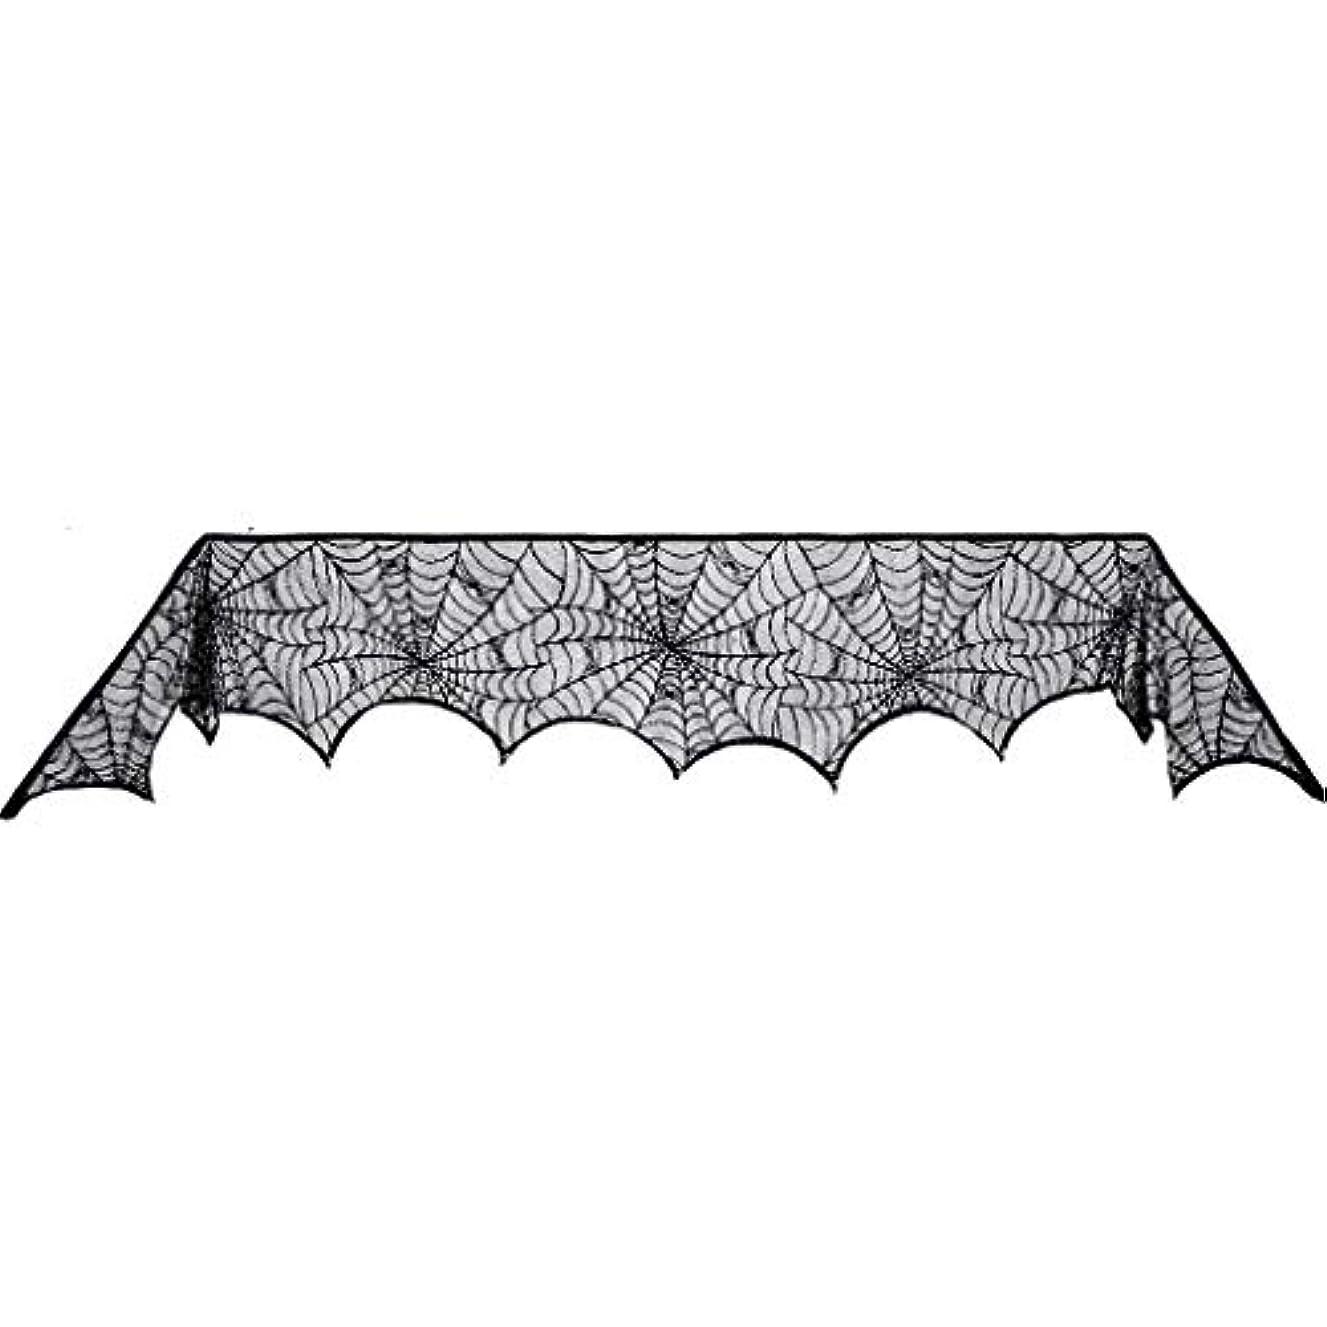 素人ビリージュラシックパークハロウィンの黒いレースのクモの巣の暖炉のマントルスカーフカバー、ハロウィンの小道具の装飾